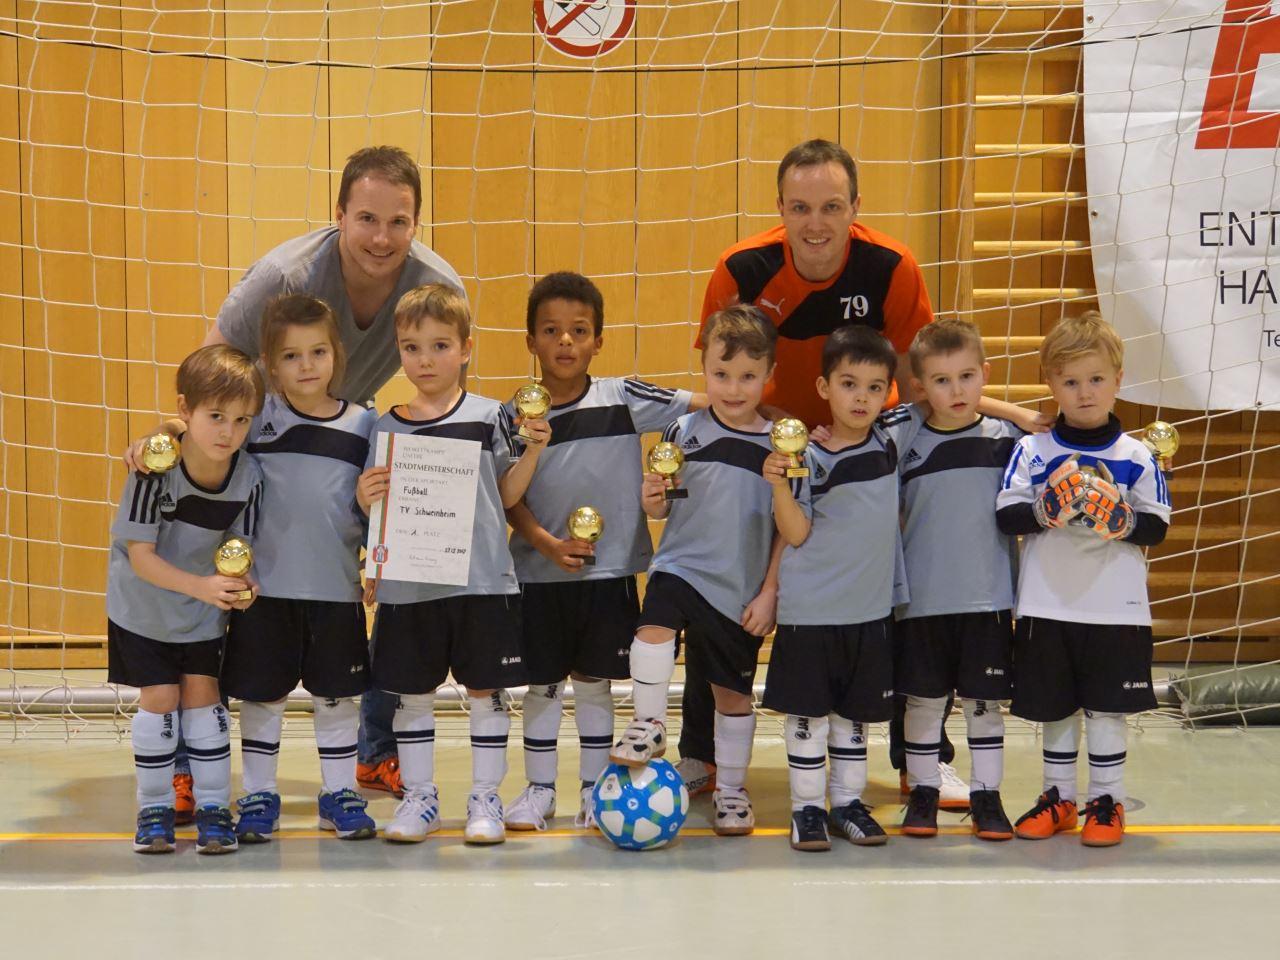 U7/2-Jugend des TV Schweinheim wird Fußball Hallen-Stadtmeister 2017